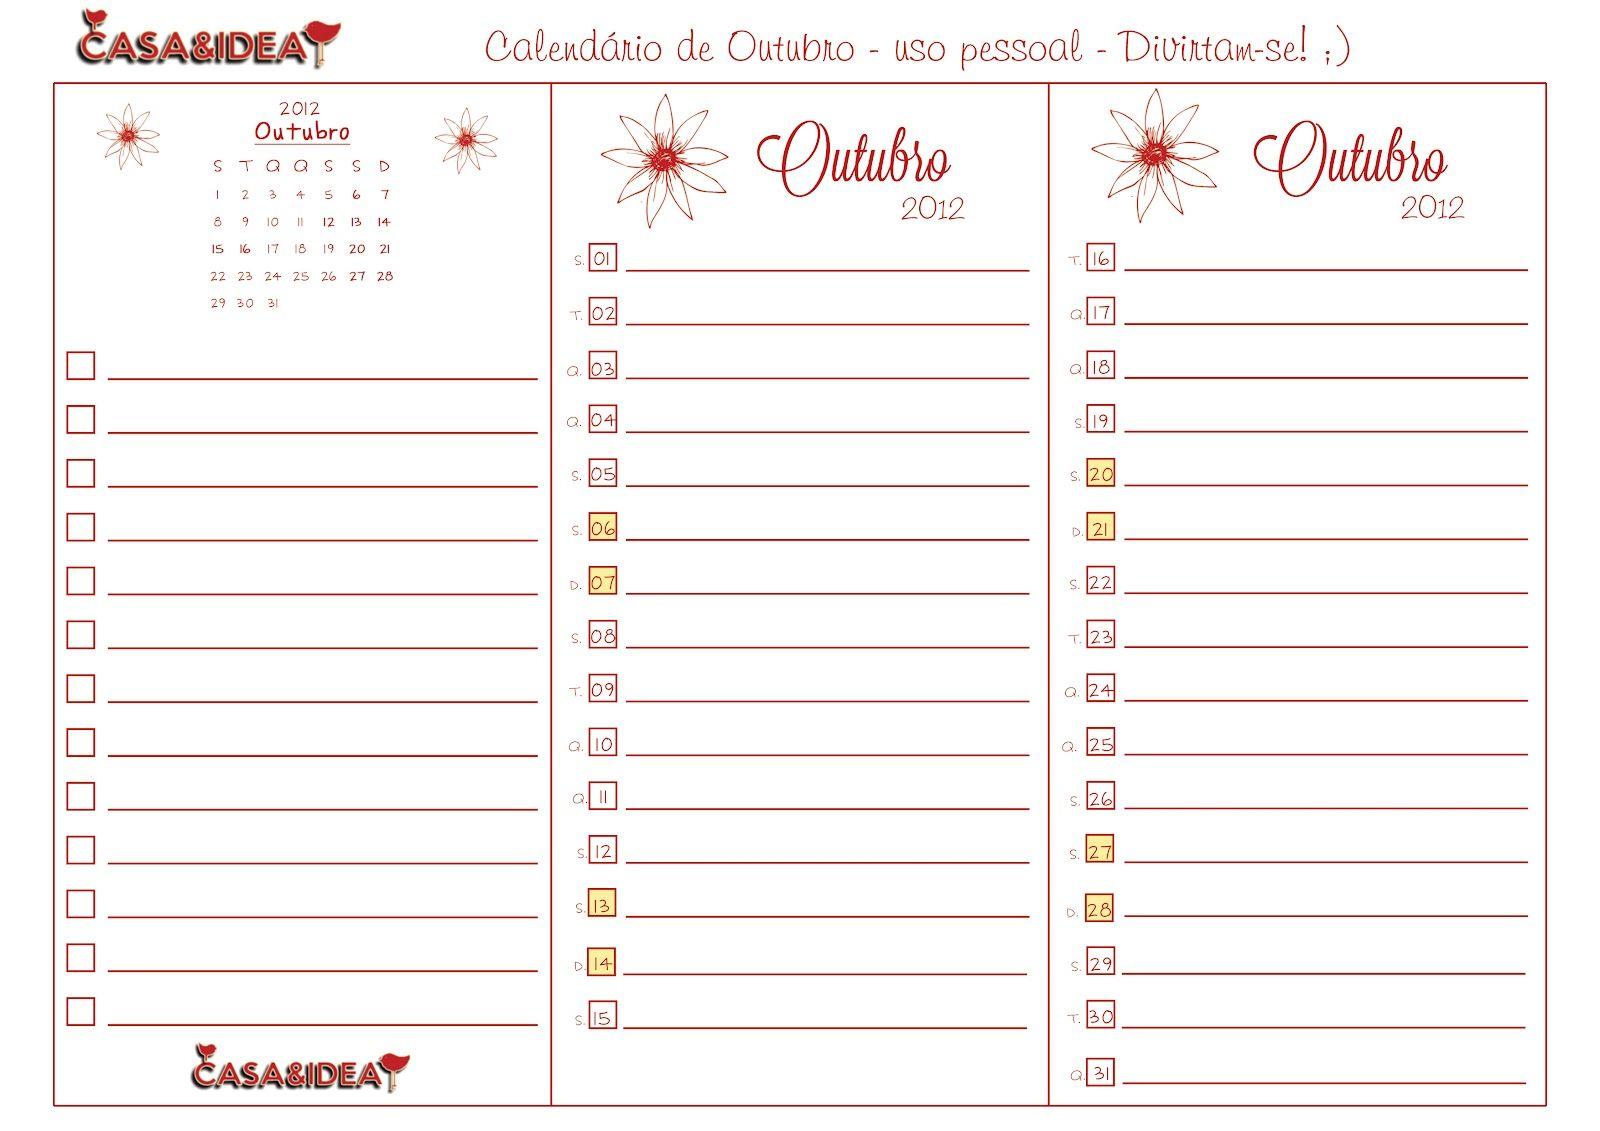 CASA: Mini Calendário de Outubro 2012 - Para imprimir - Uso pessoal